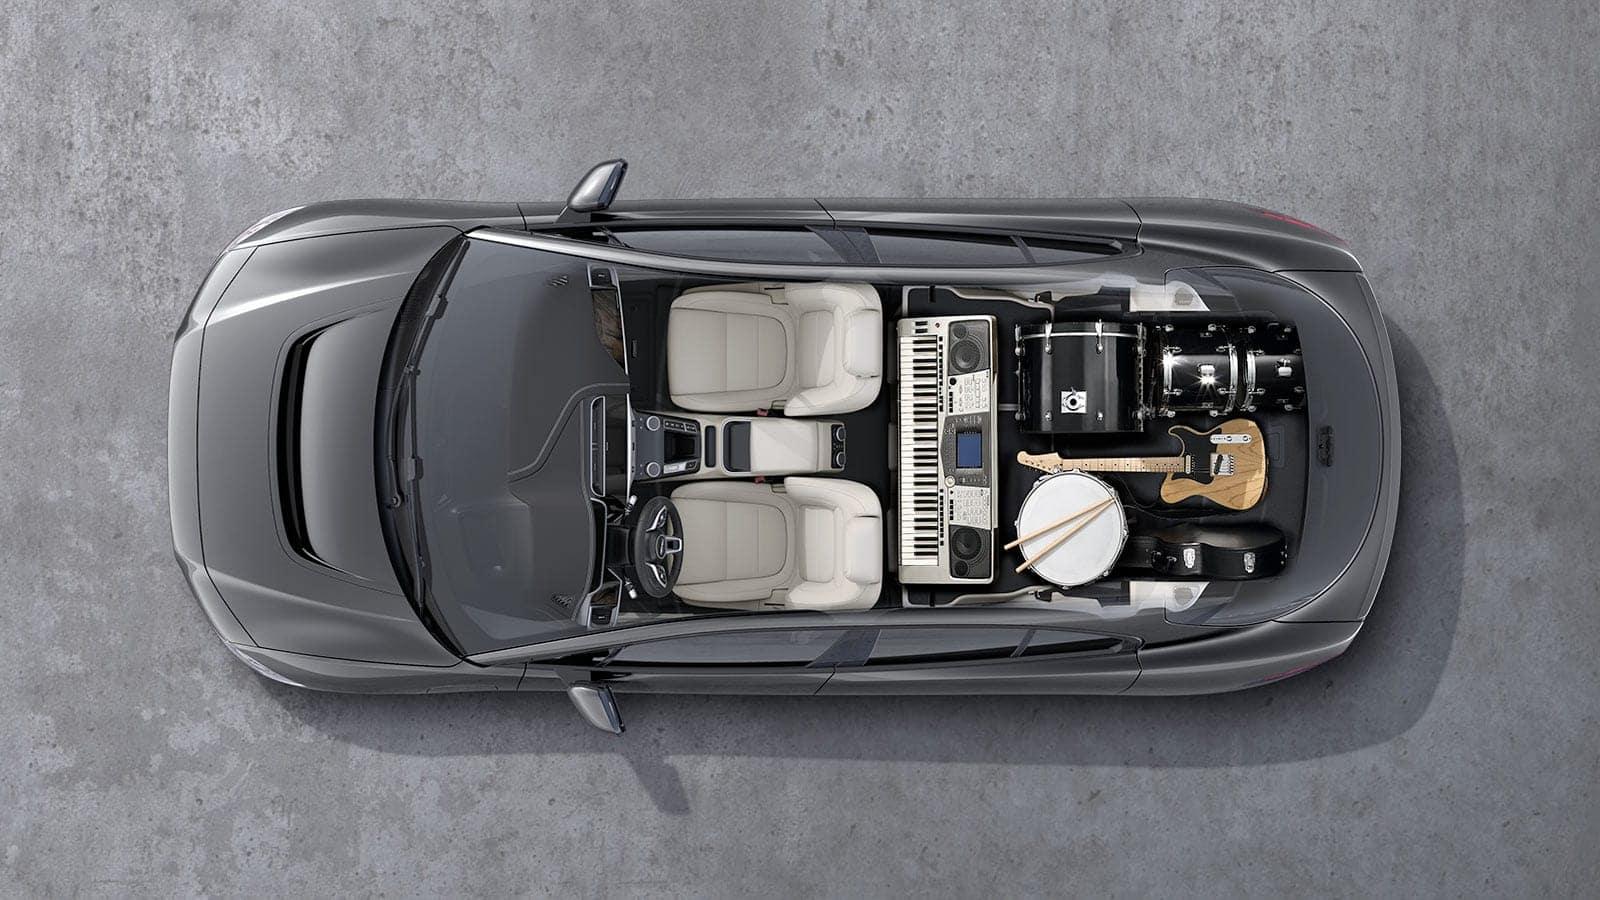 2019 Jaguar I-PACE Dimensions